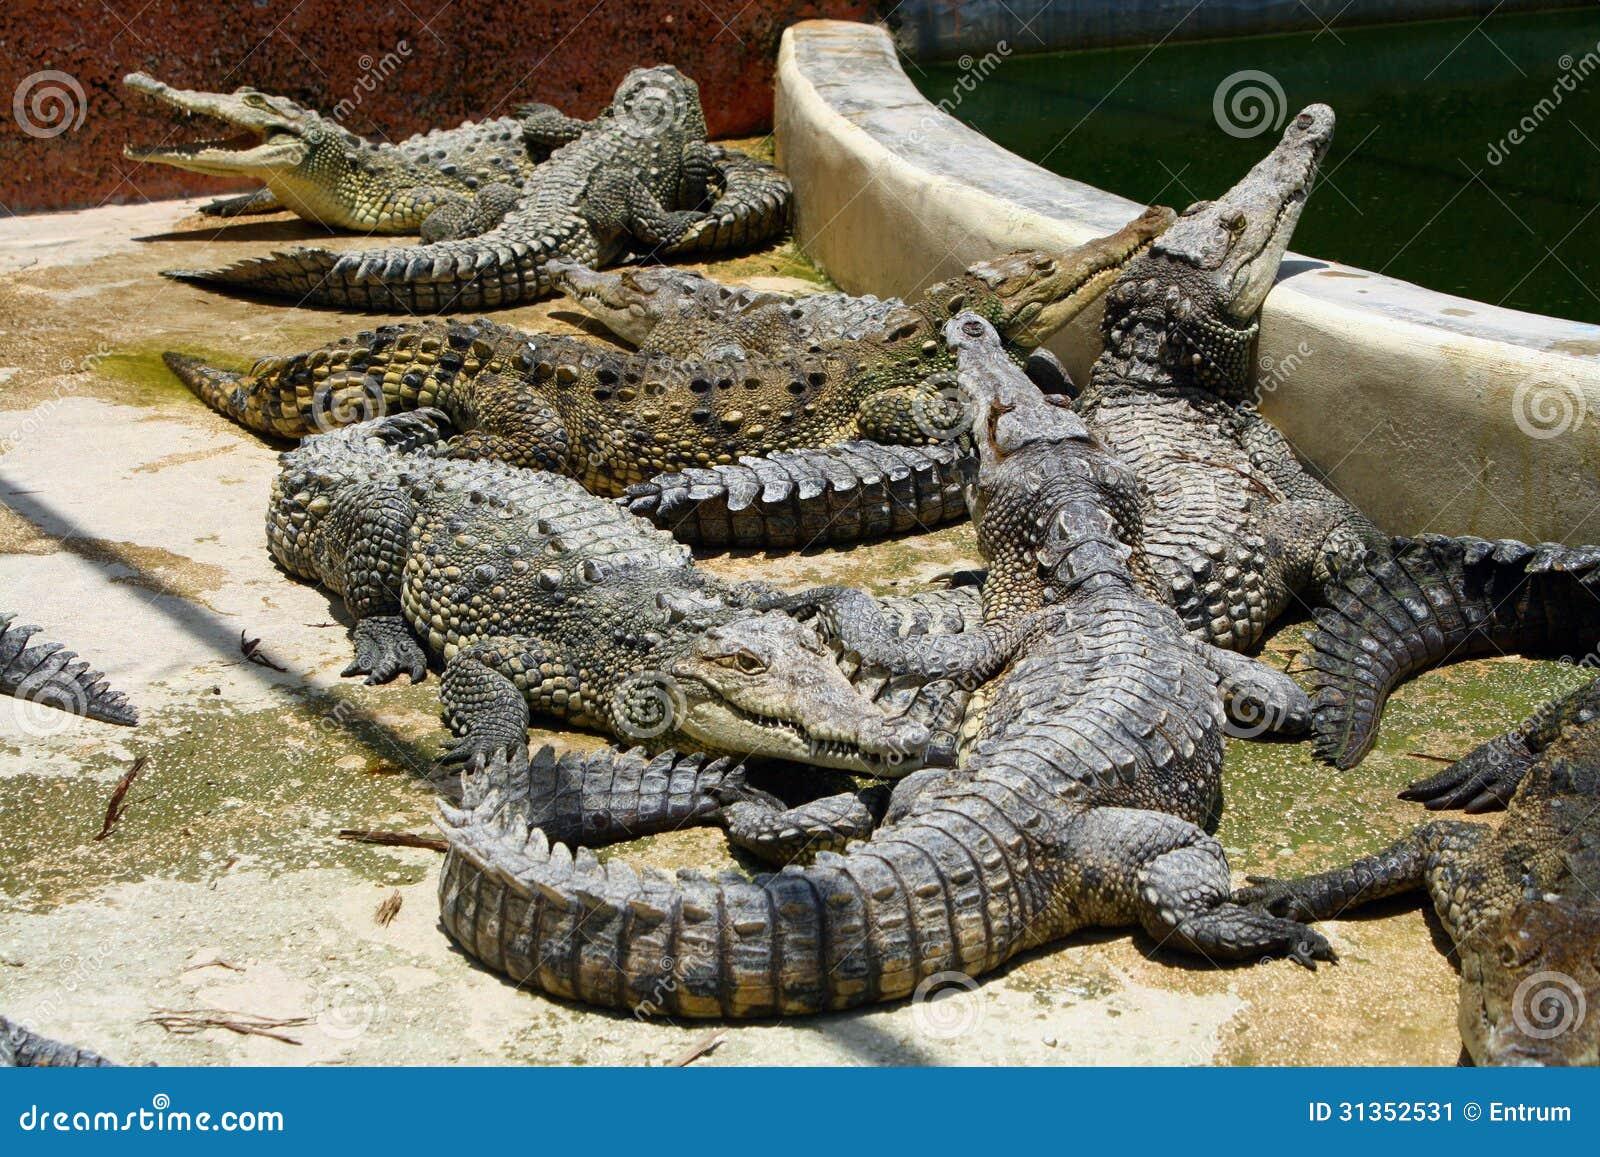 jamaican crocodile - photo #19